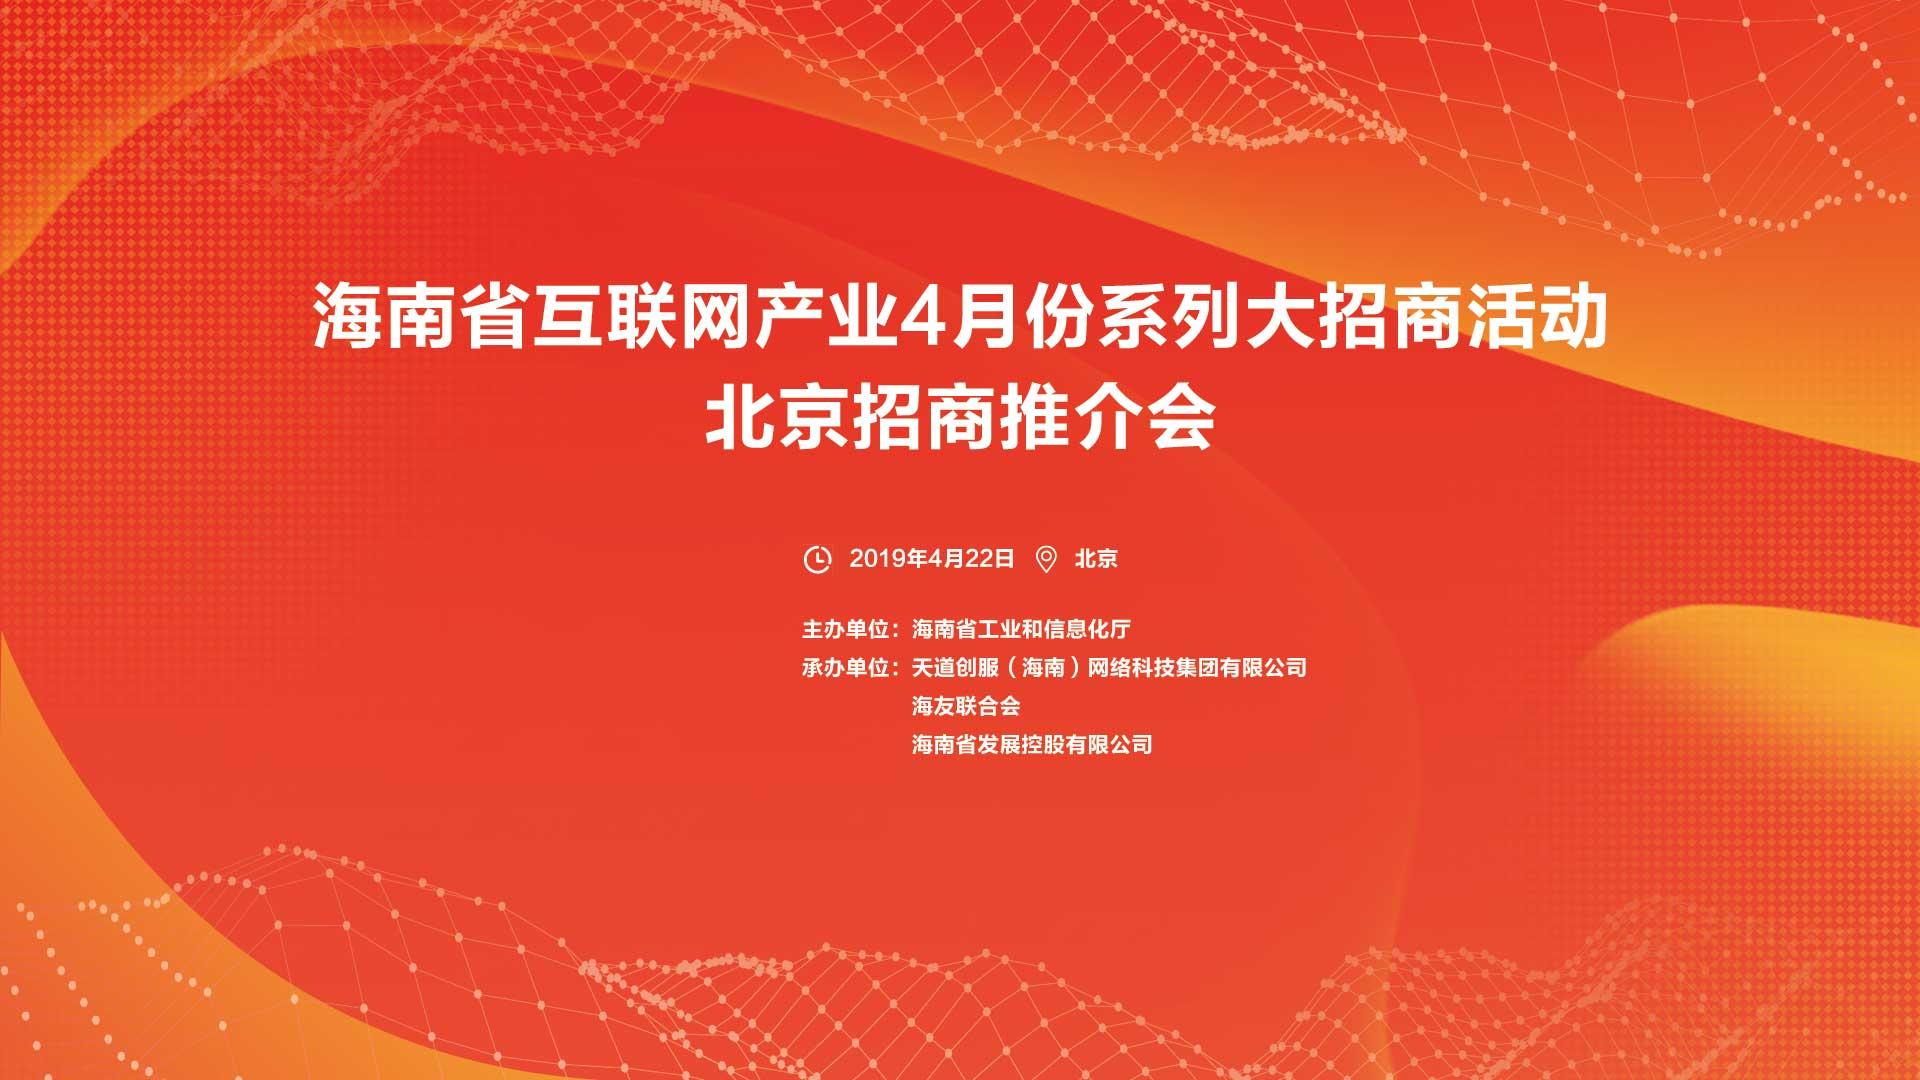 4月22日北京招商推介会